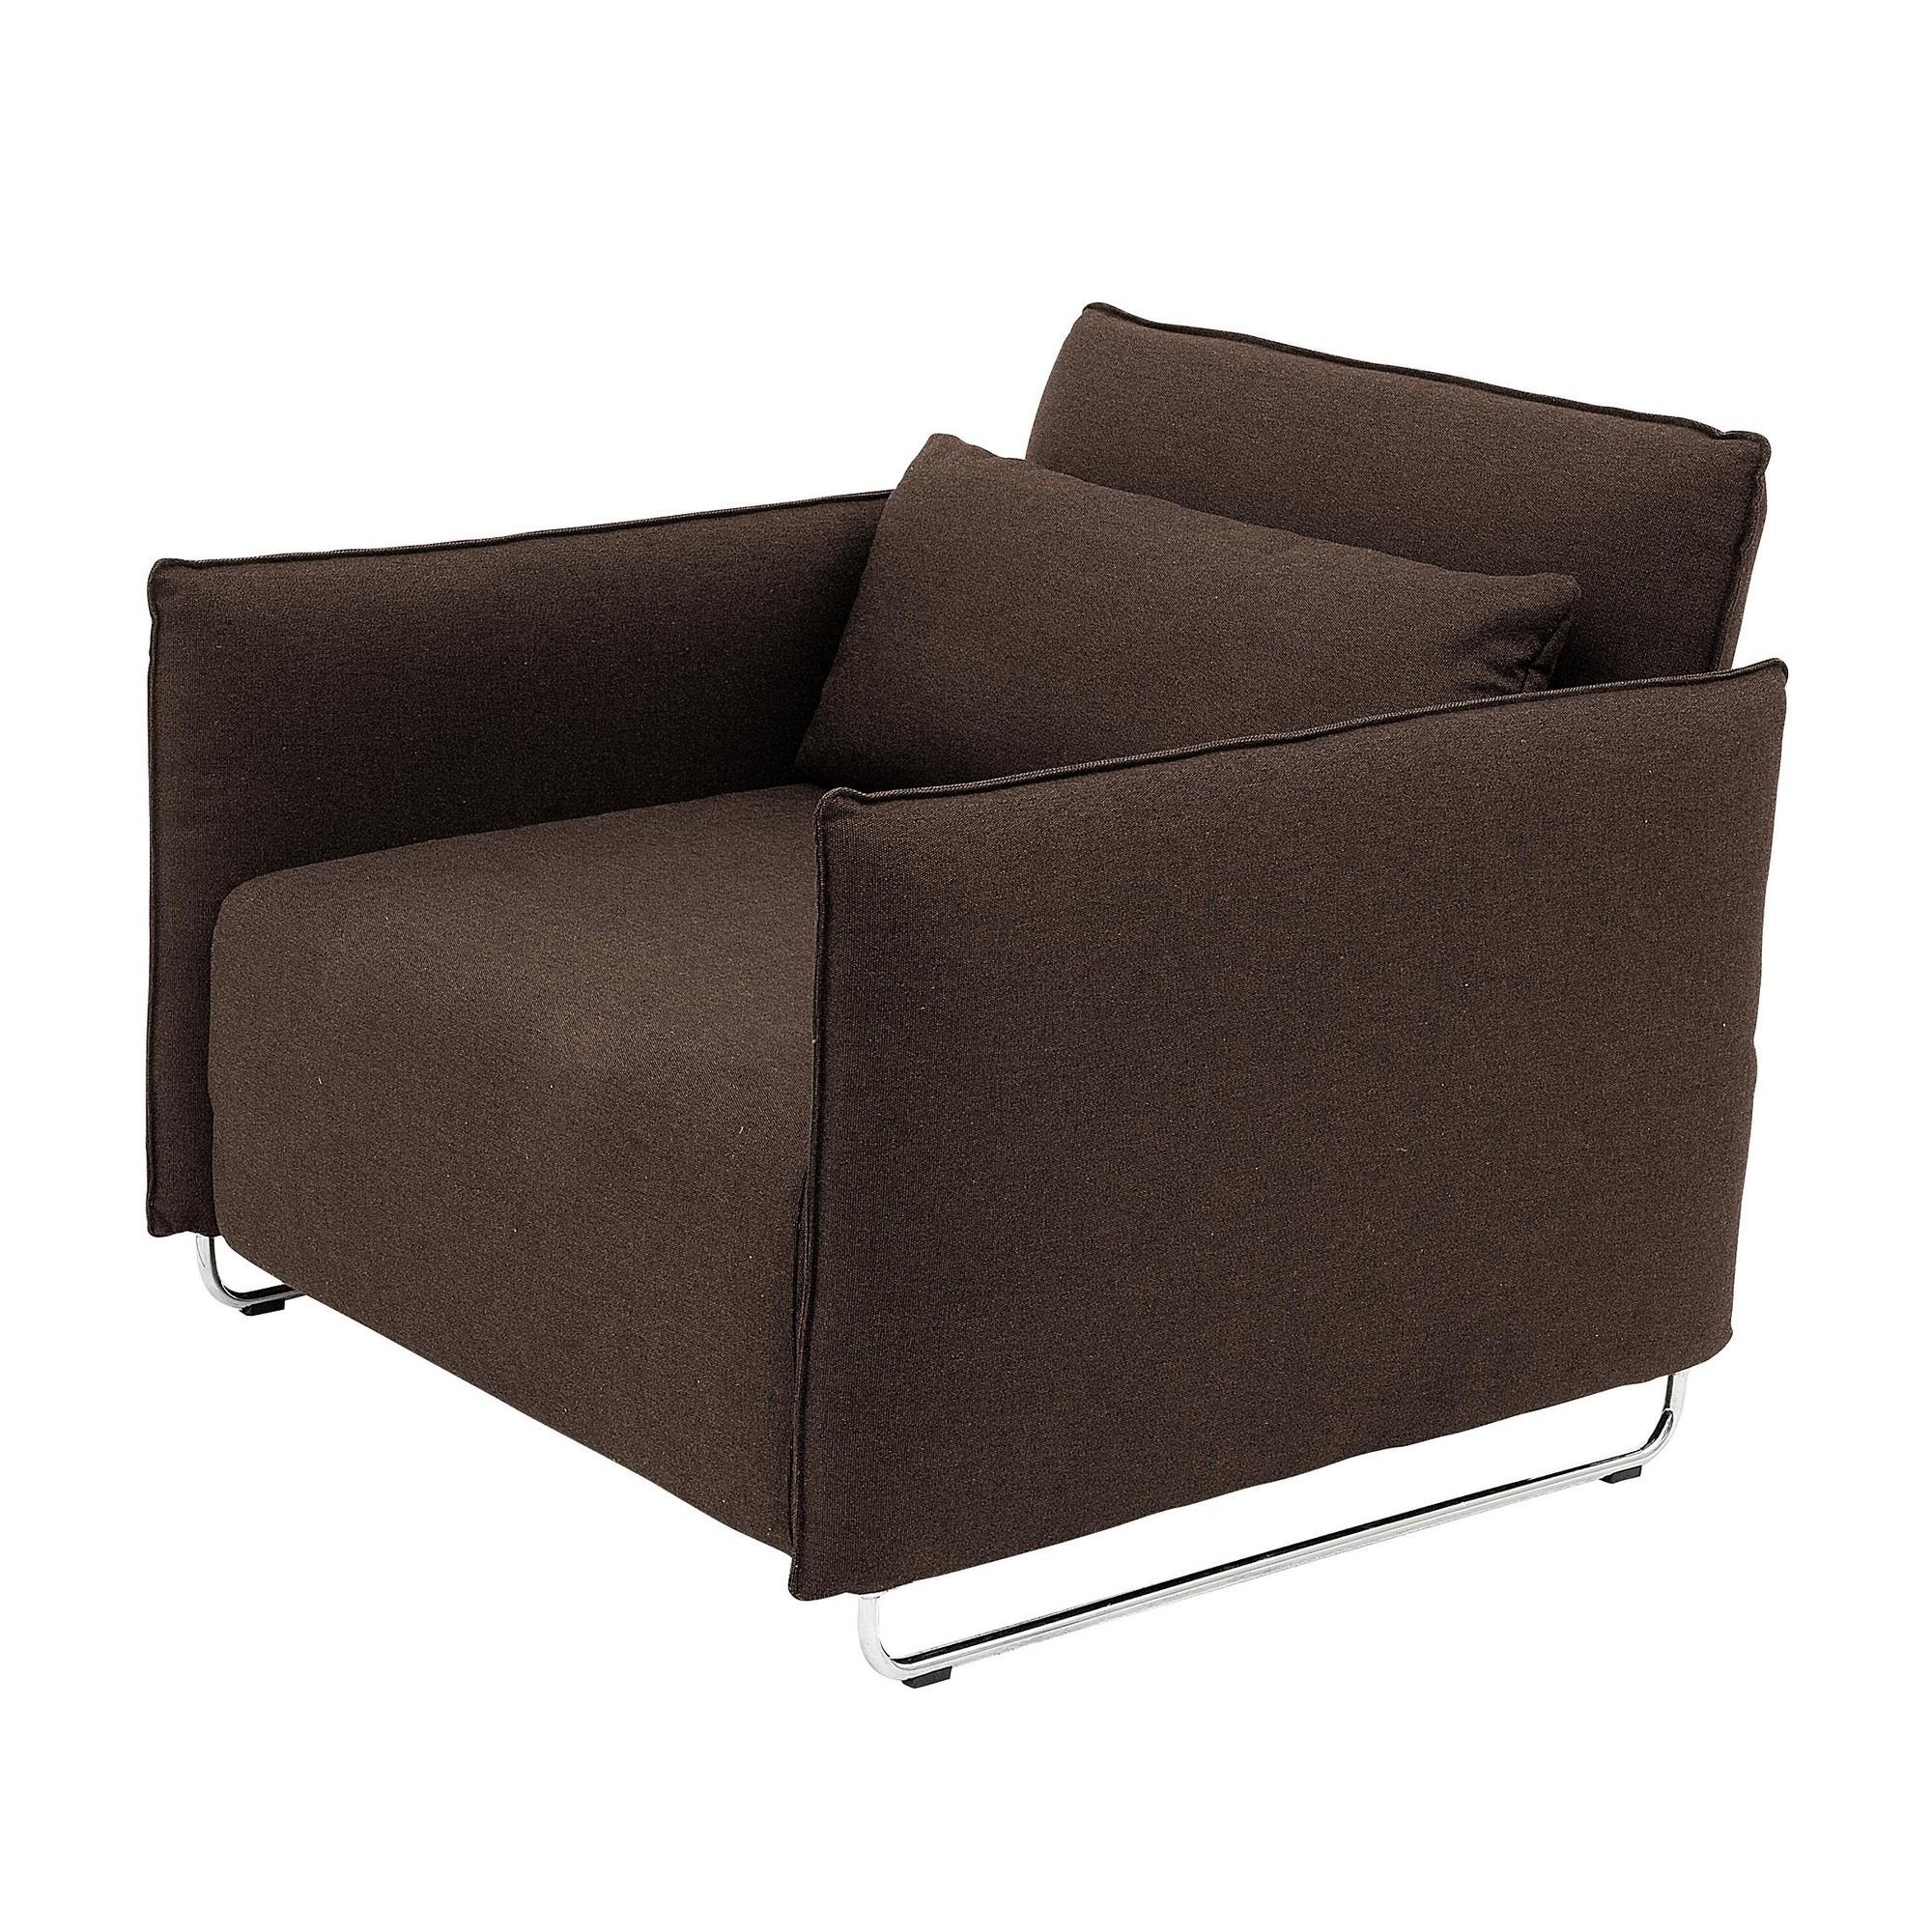 Sessel Zum Ausklappen Cord Sessel Schlafsessel